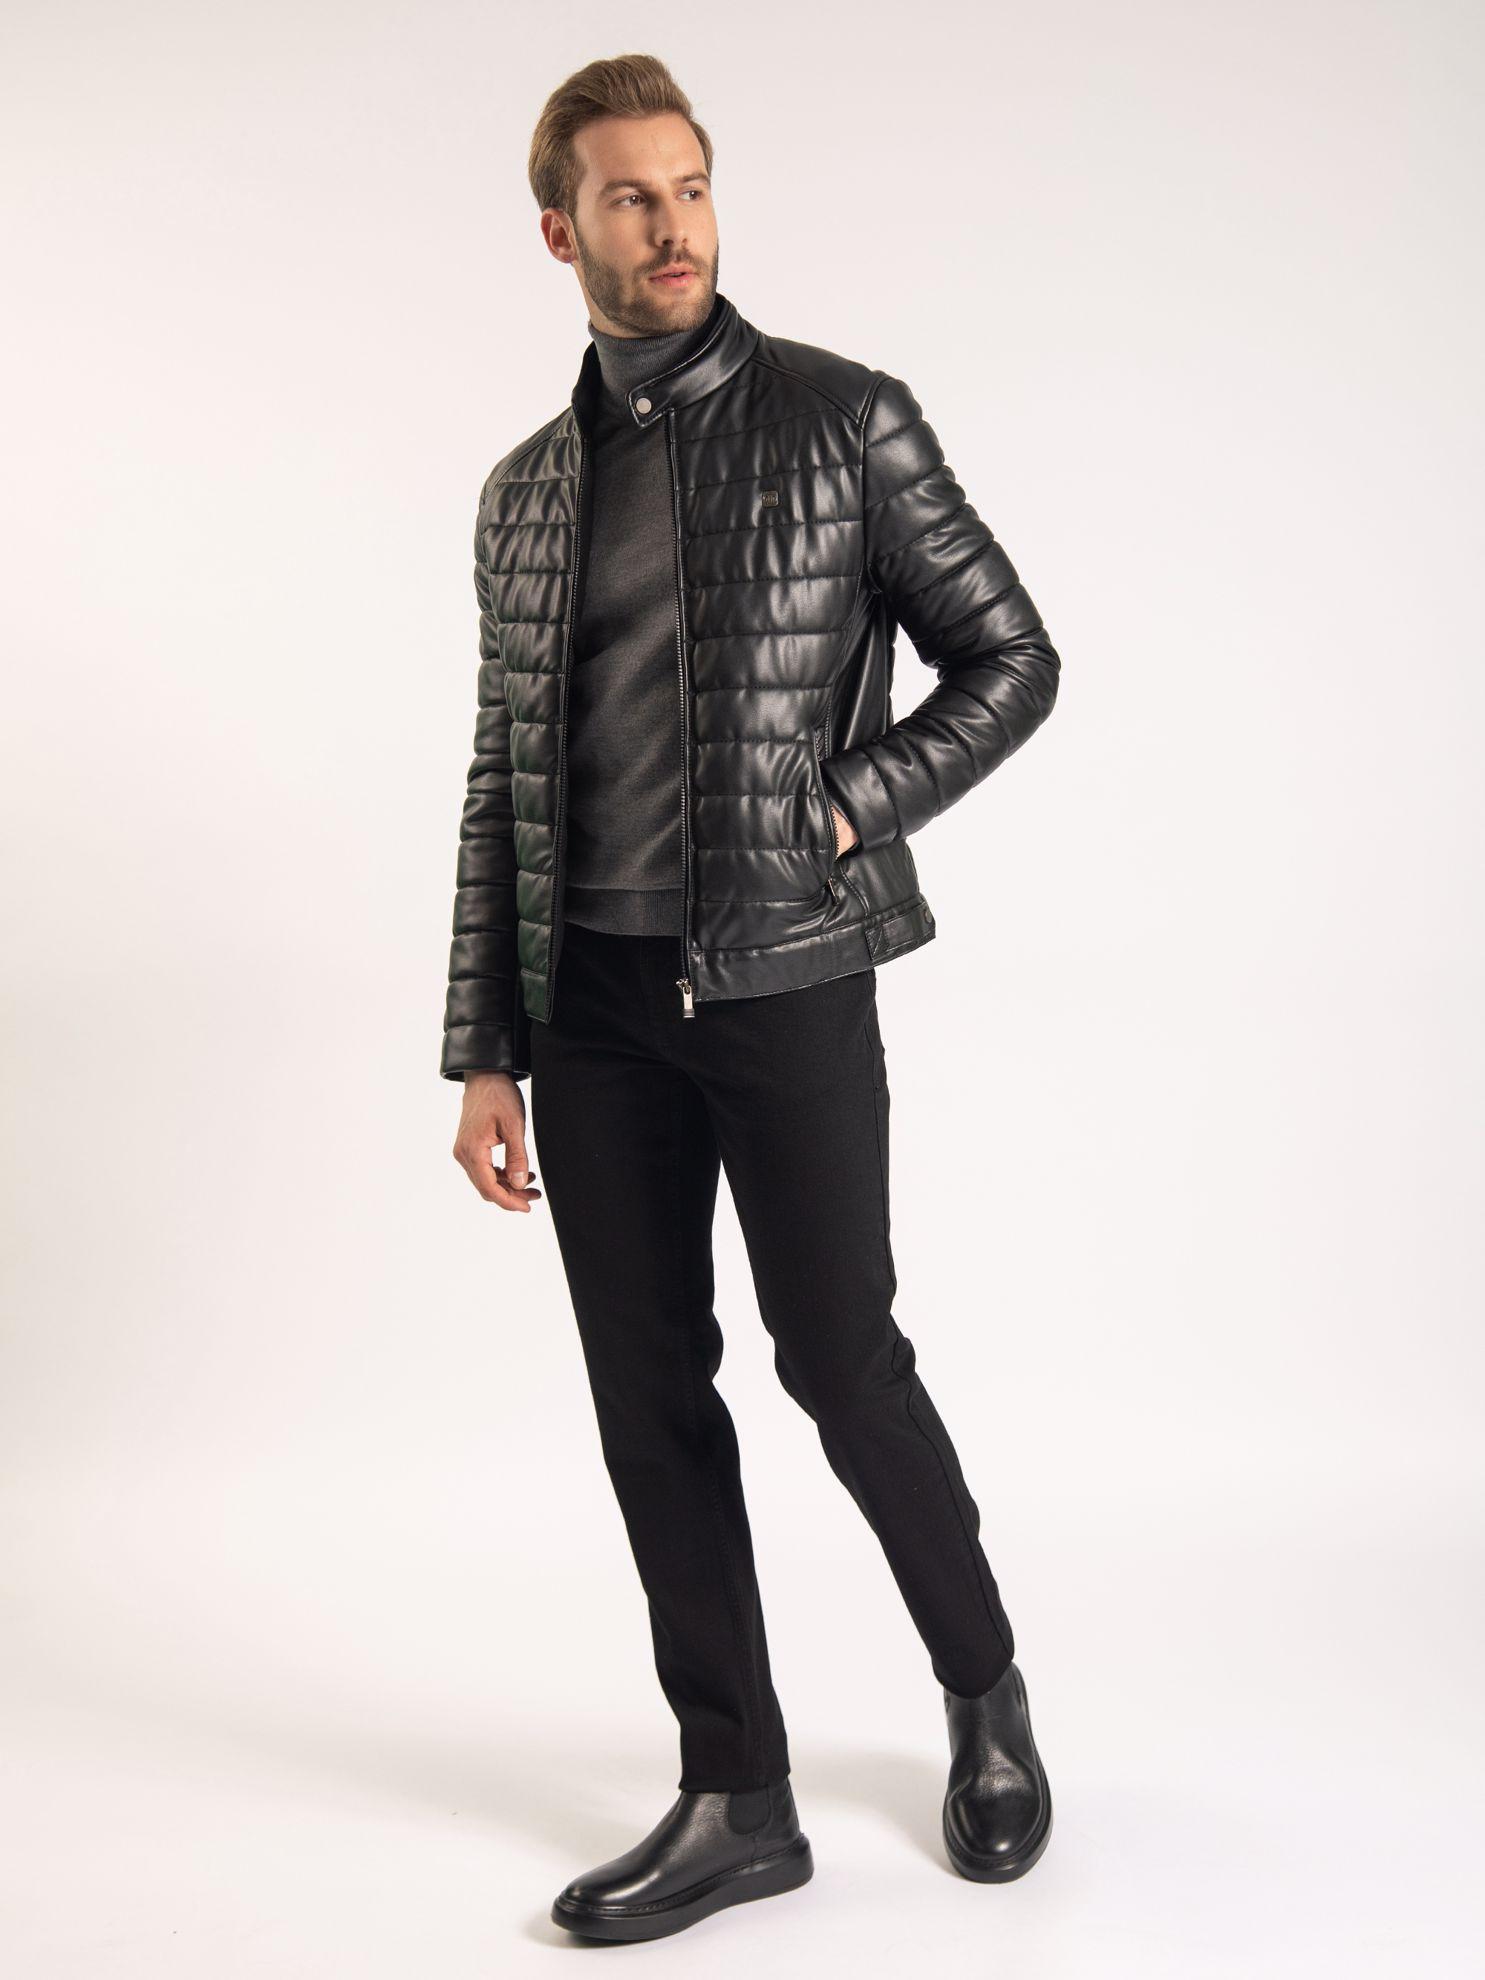 Karaca Erkek Deri Mont-Siyah. ürün görseli